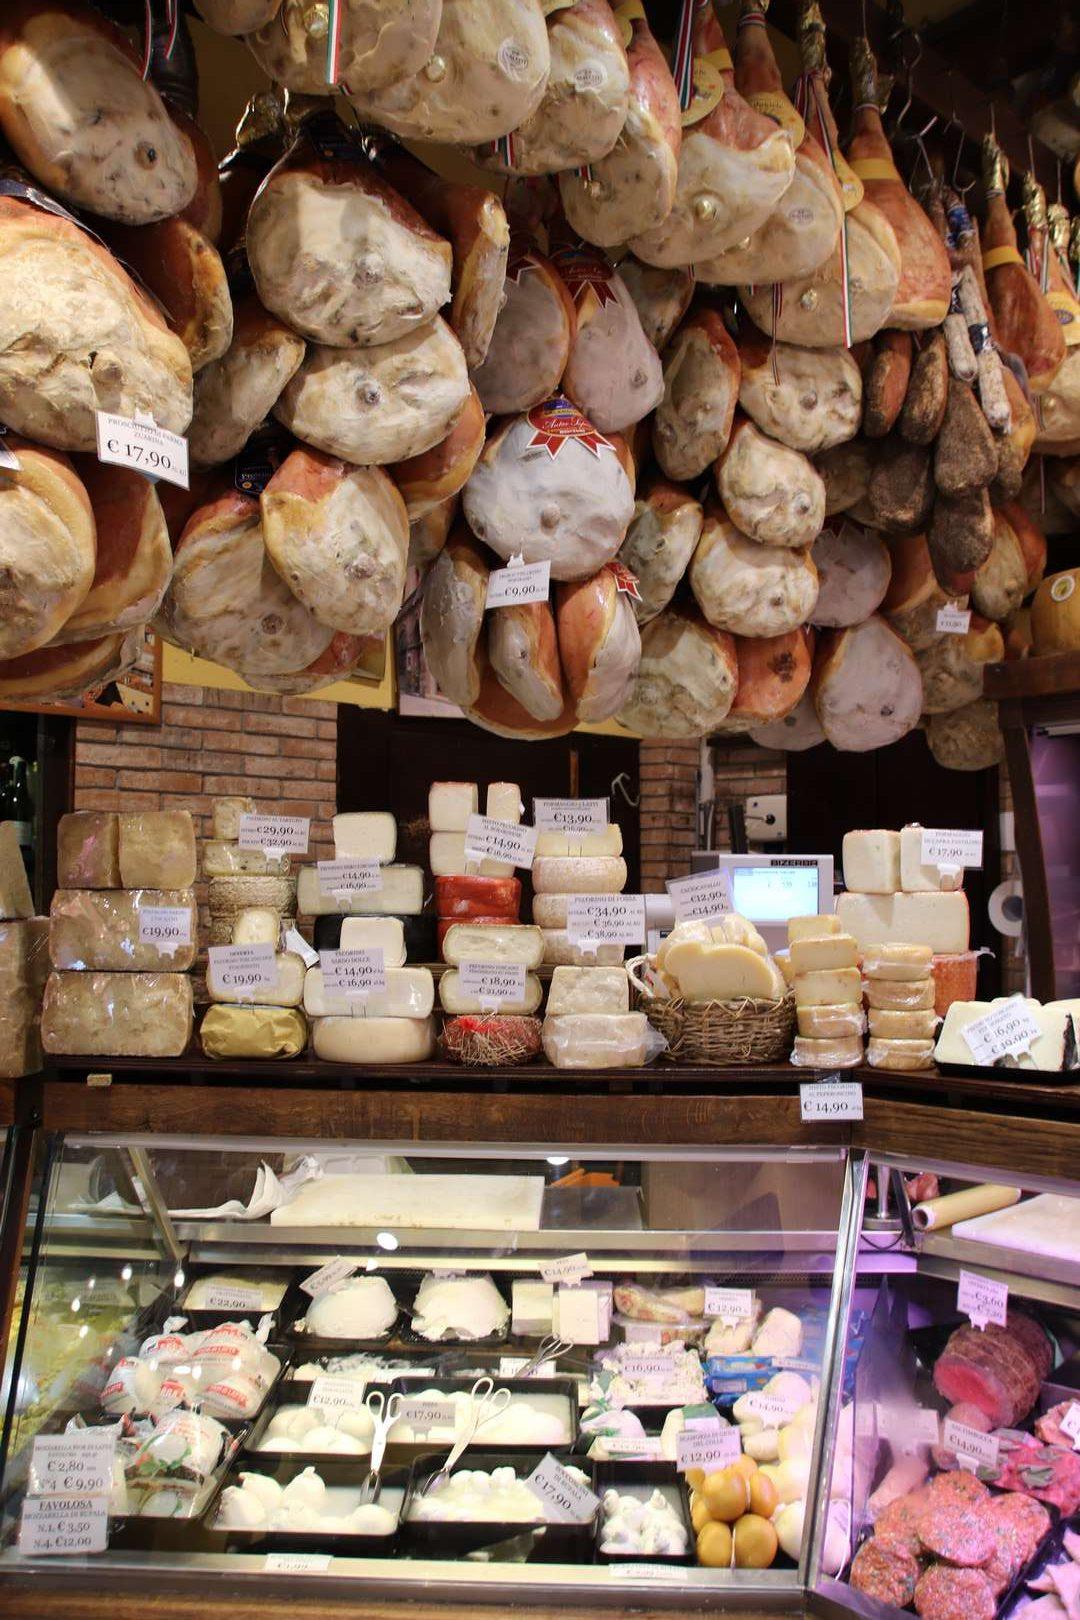 Italie - Ambiance de marché à Bologne, vendeur de fromages et charcuteries